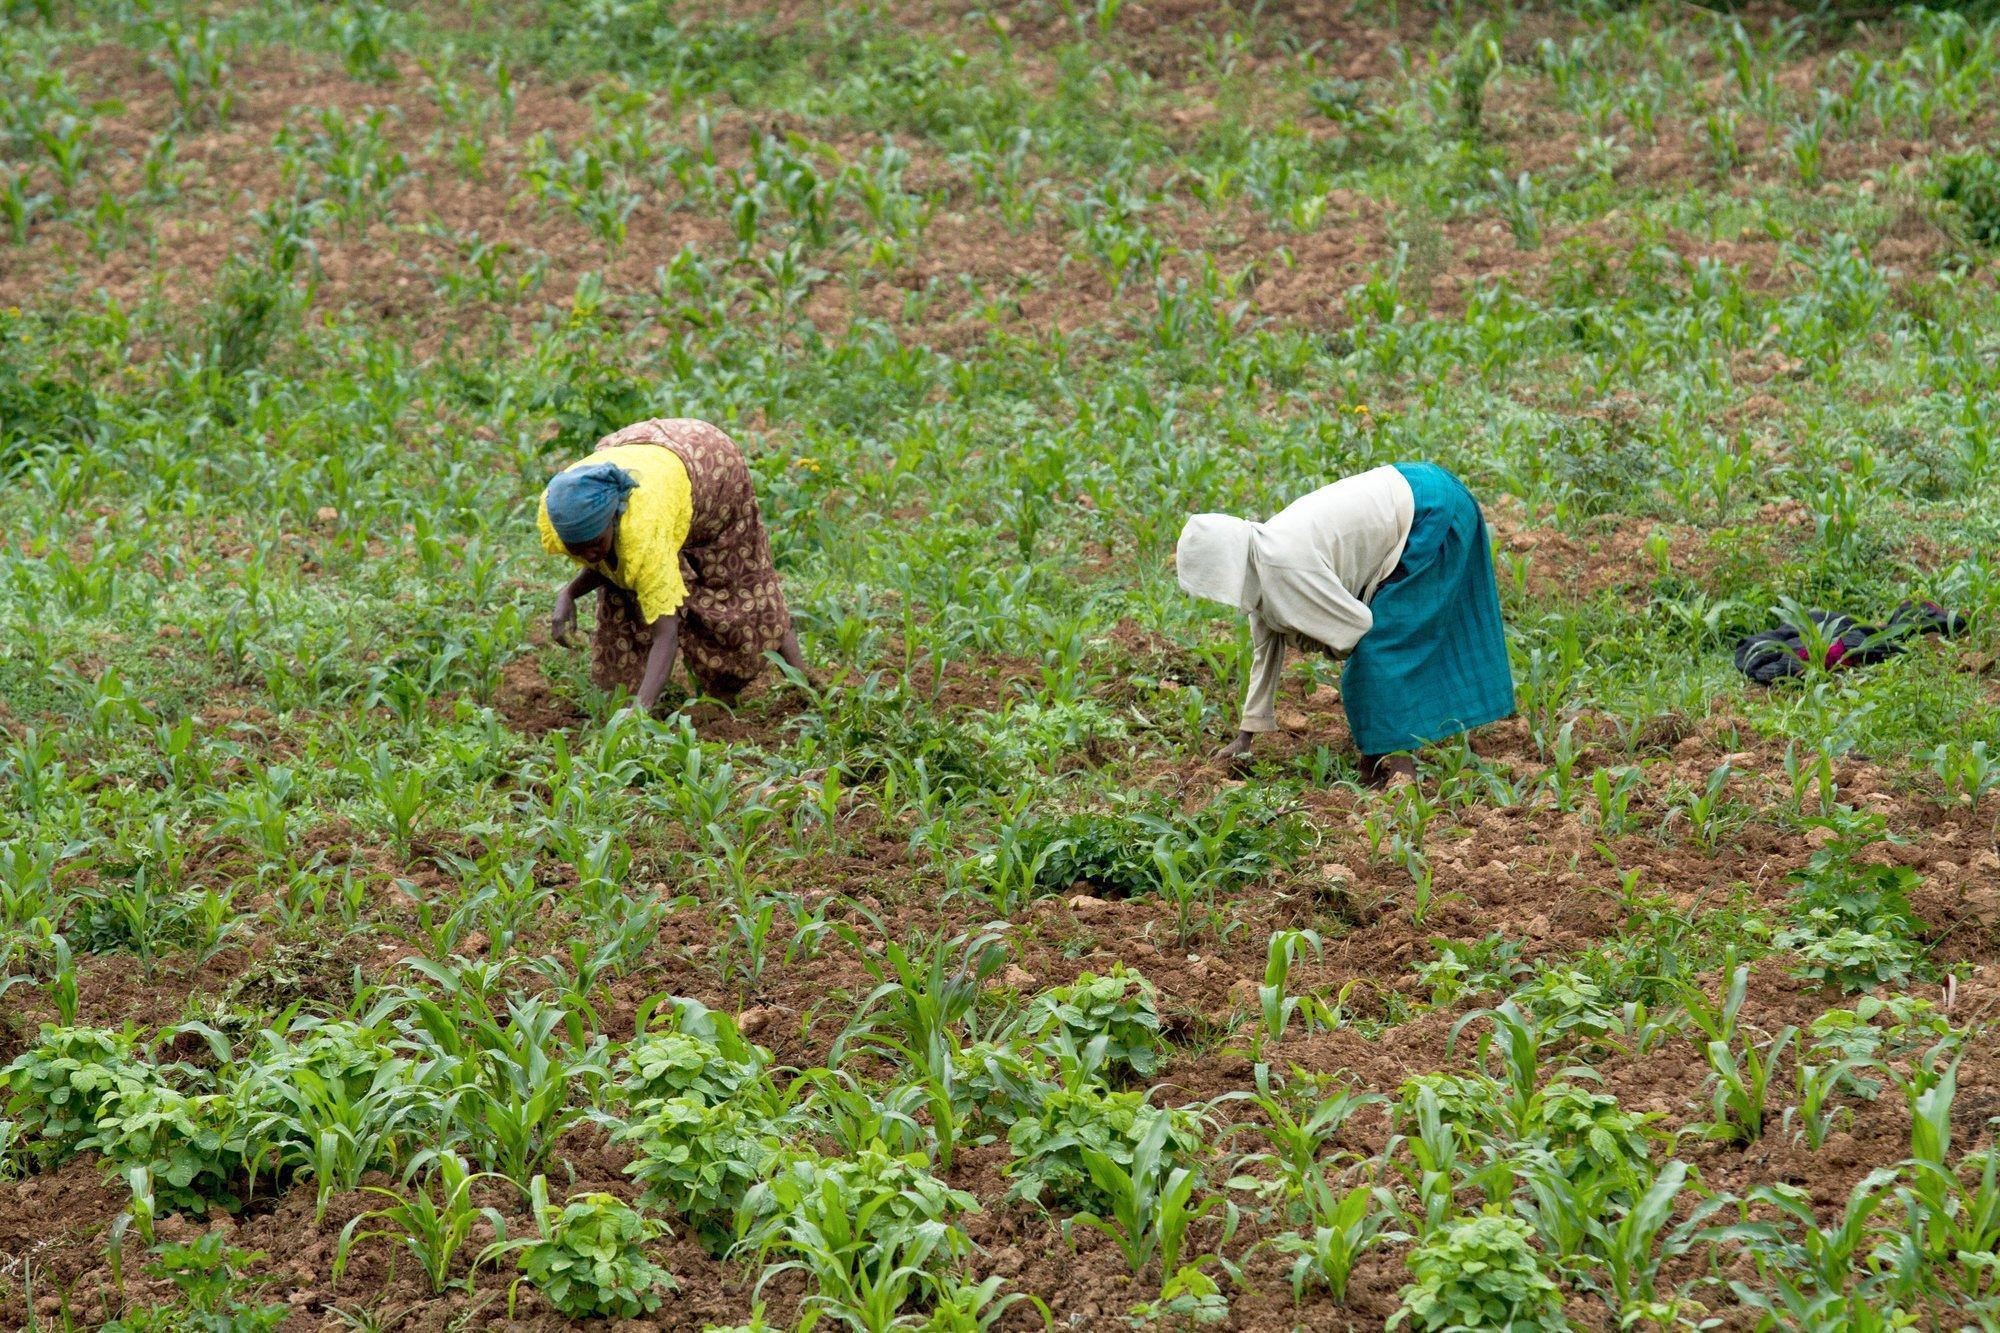 Zwei Landarbeiterinnen auf einem Feld.